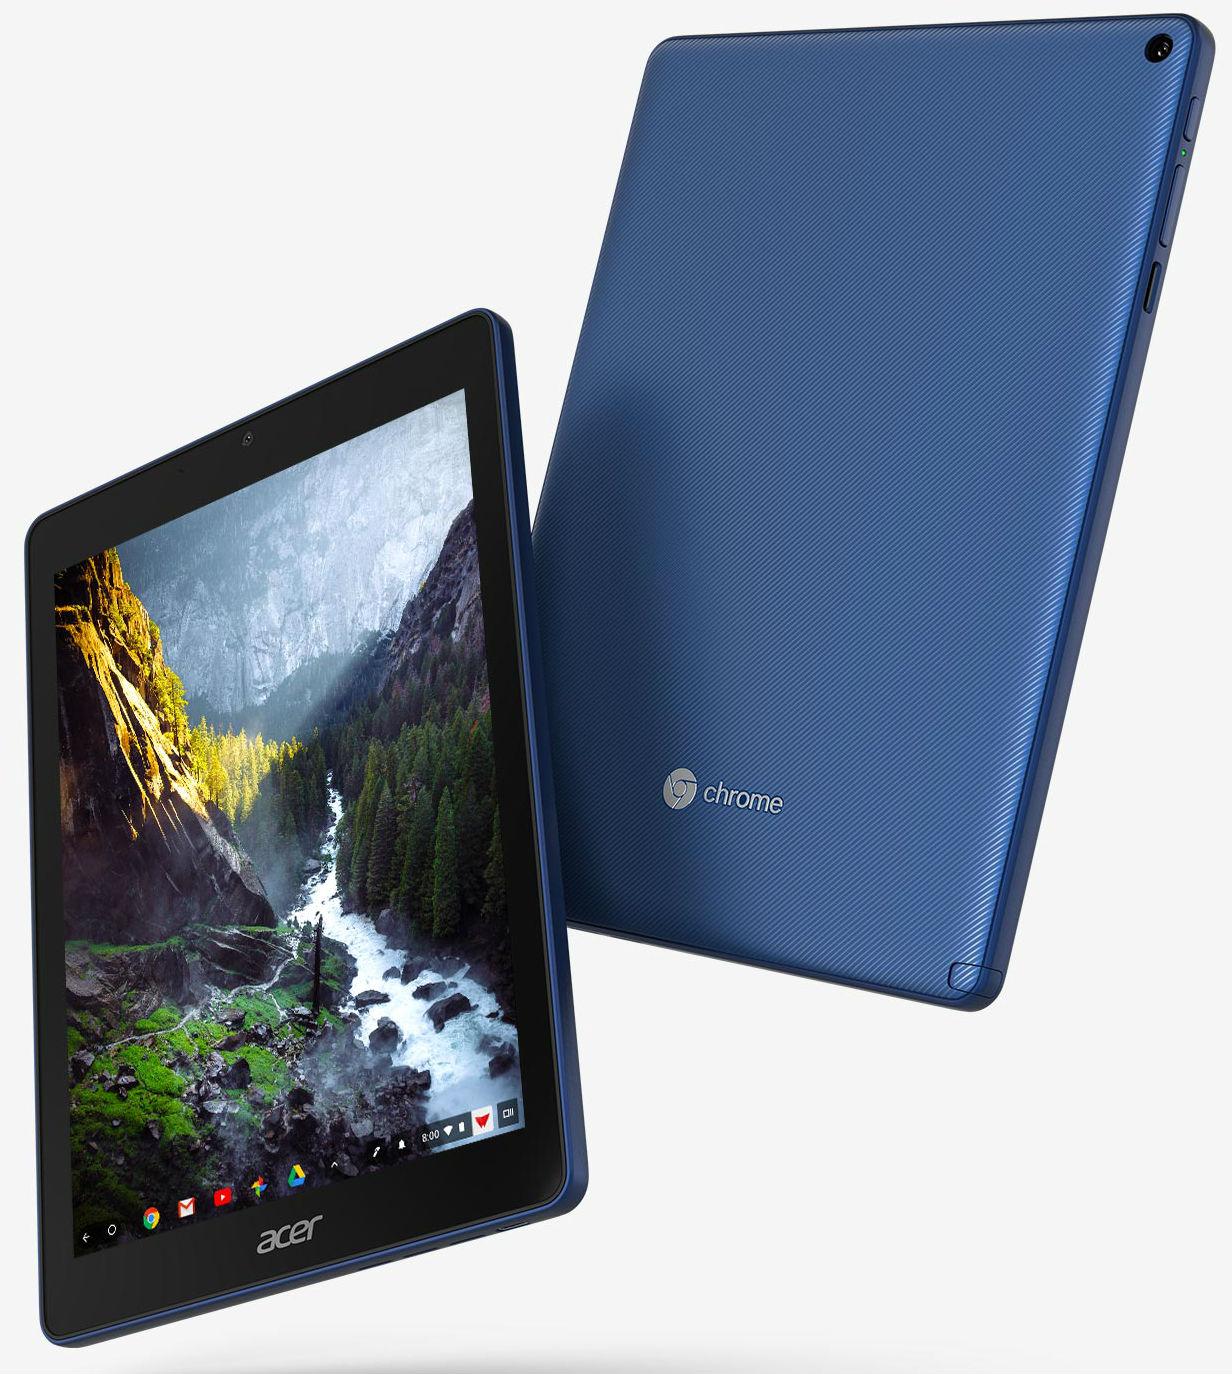 Acer презентовала 1-ый вмире планшет набазе системы ChromeOS